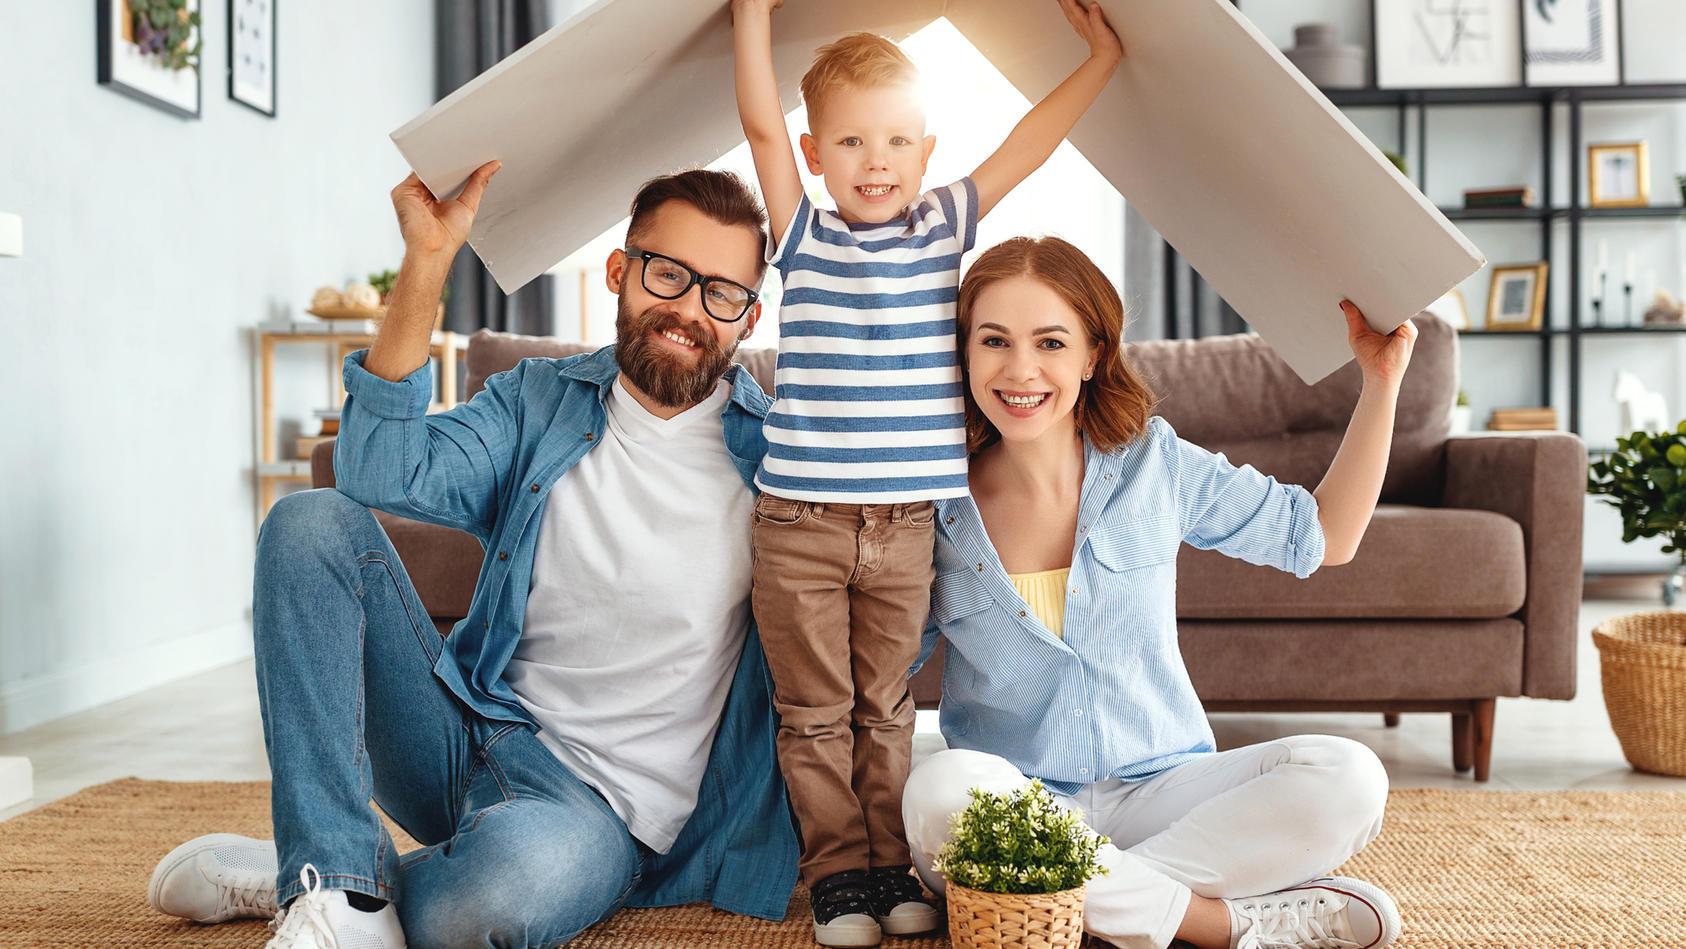 2021 gibt es einige Änderungen im Bereich Wohnen - auch für Familien.